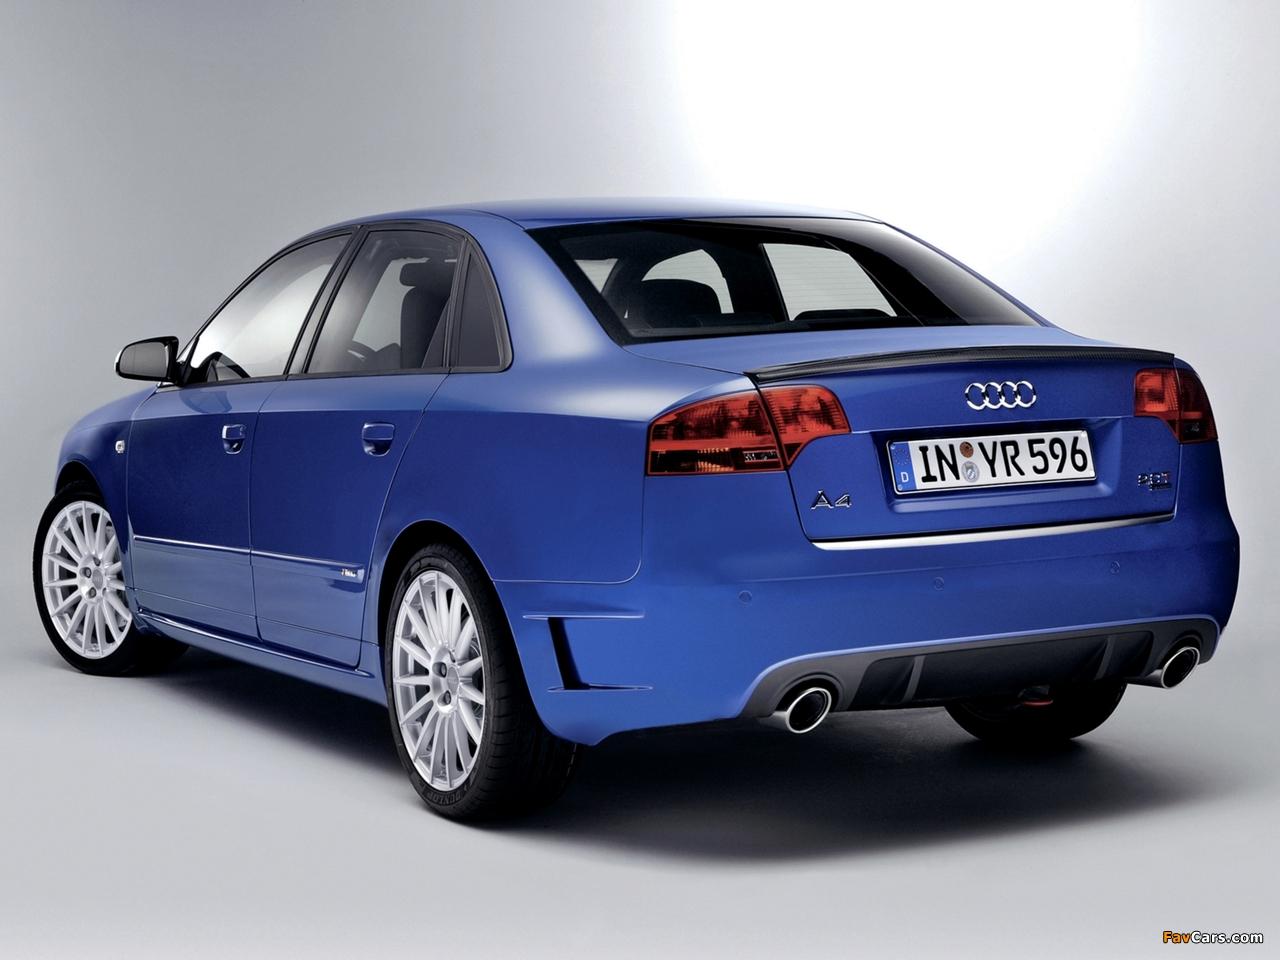 Audi A4 Dtm Edition B7 8e 2005 2007 Pictures 1280x960